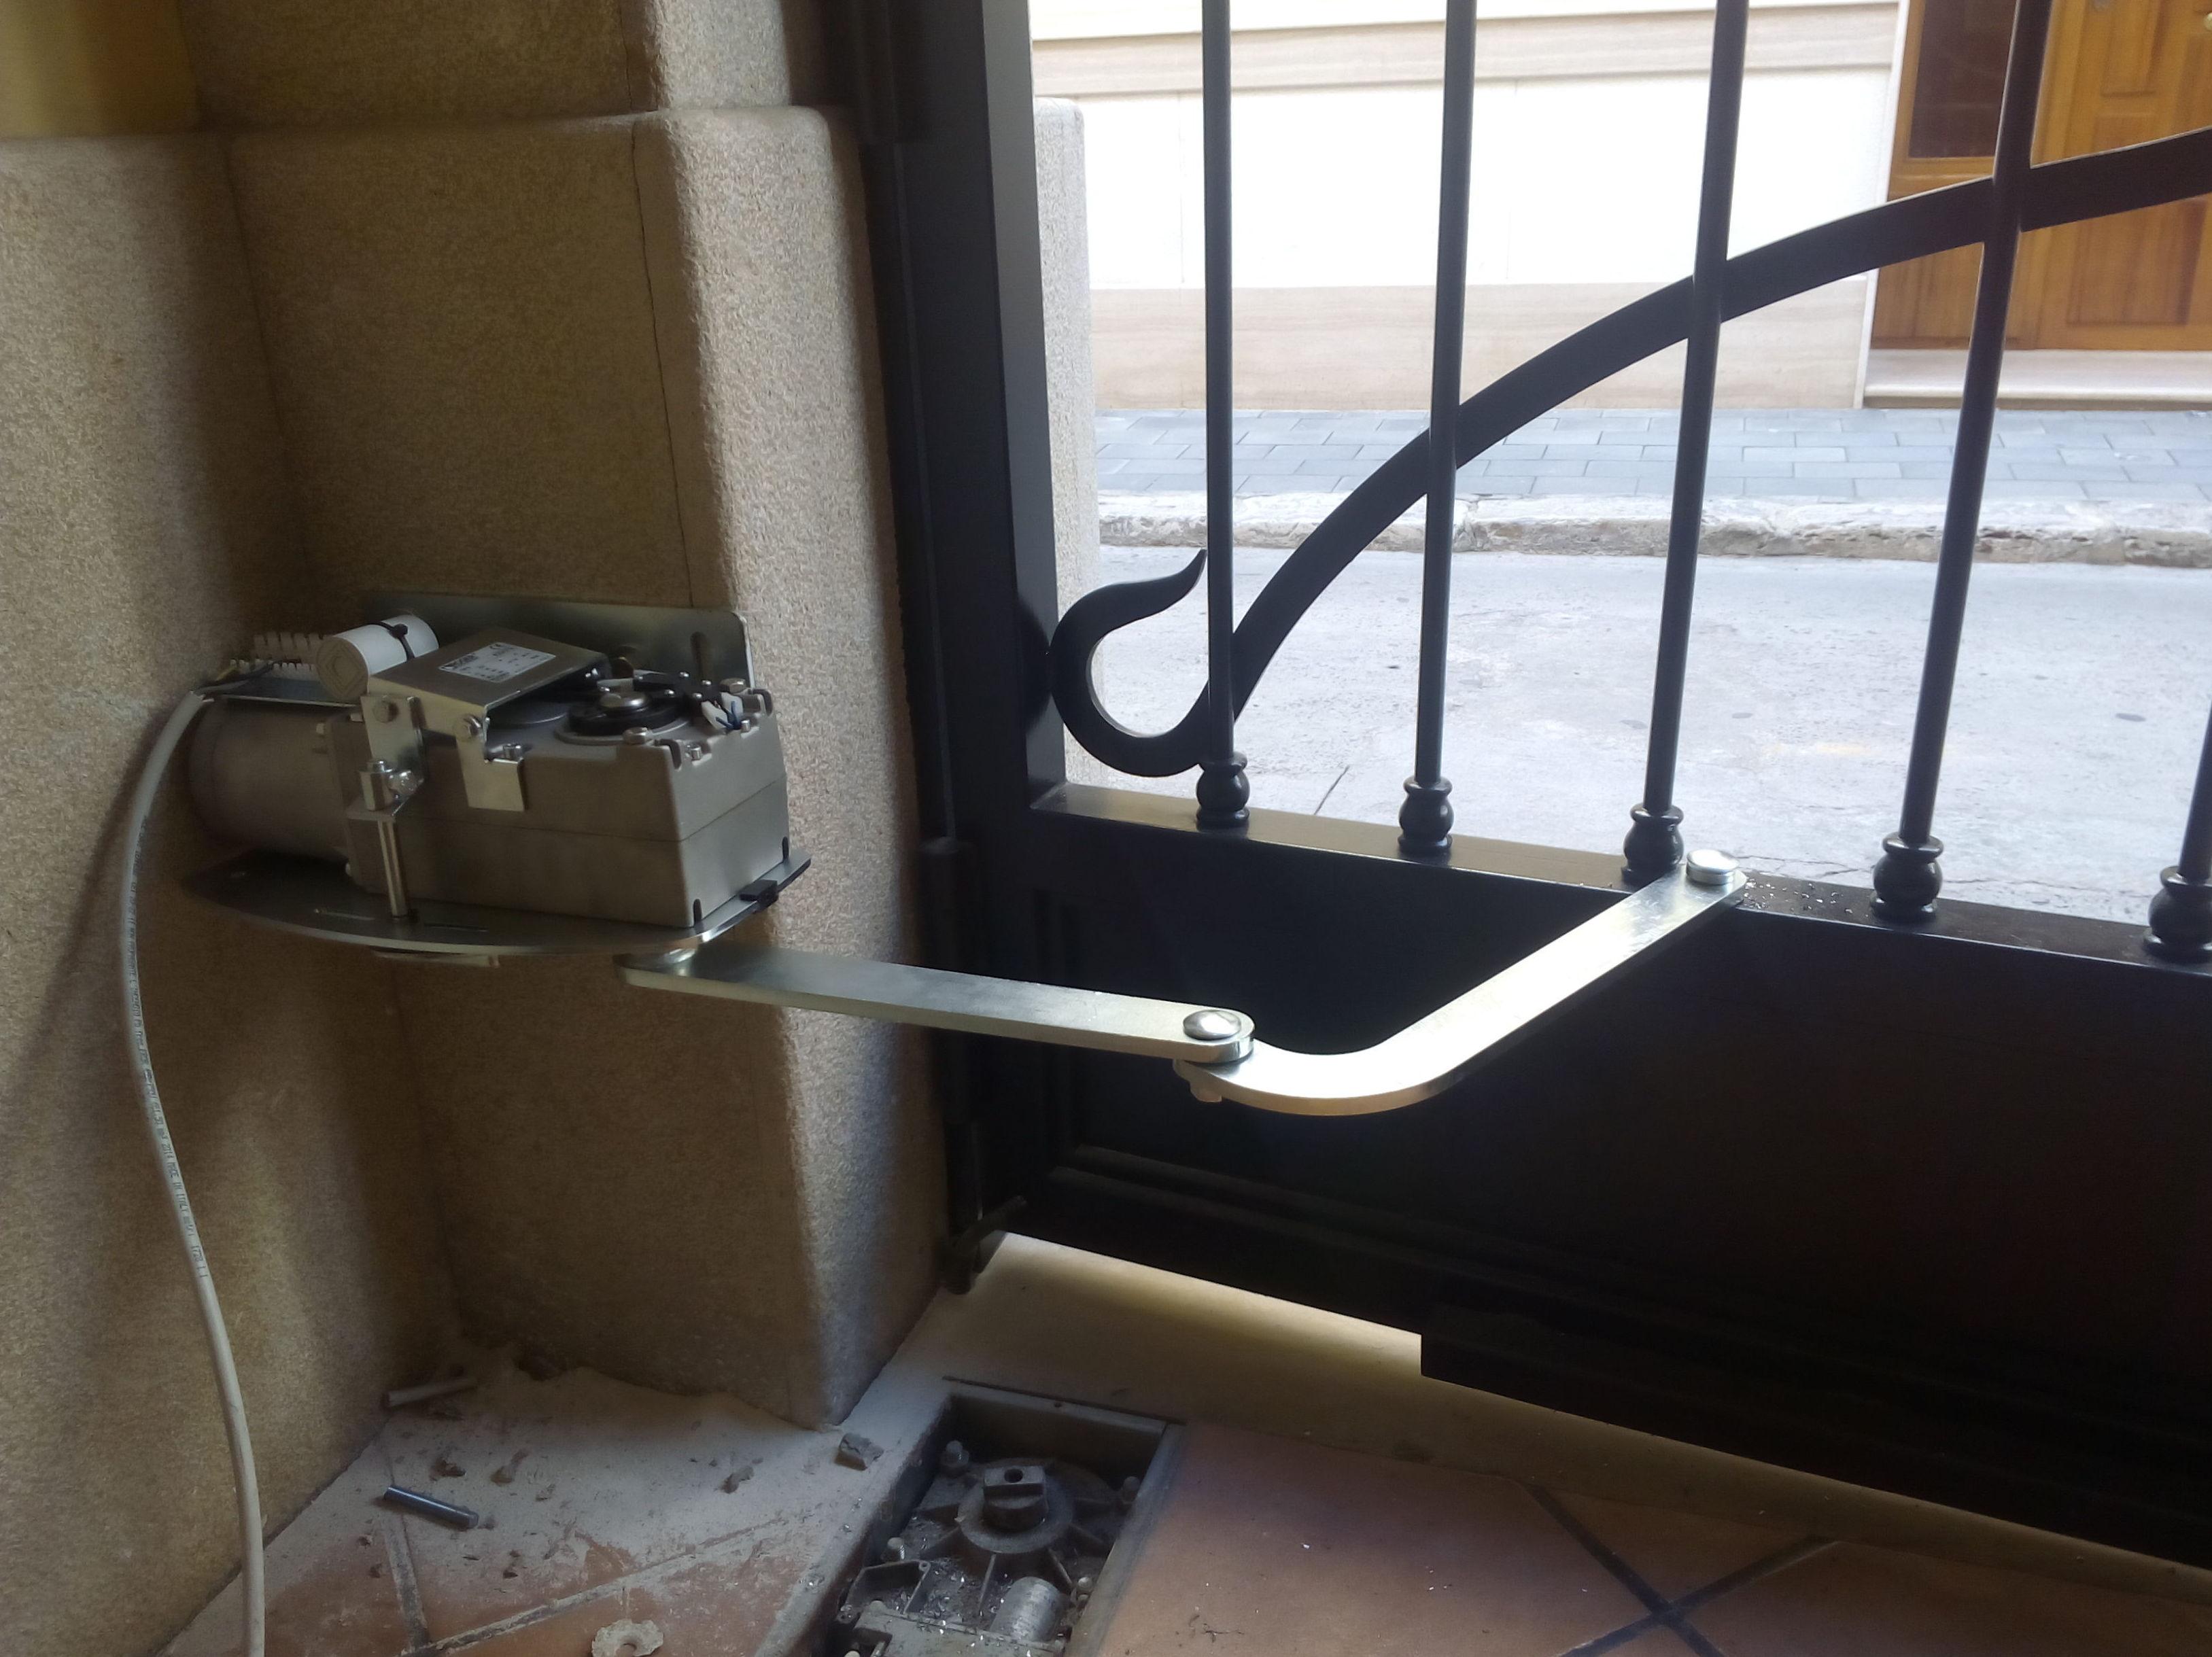 instalación de motor articulado de puerta batiente